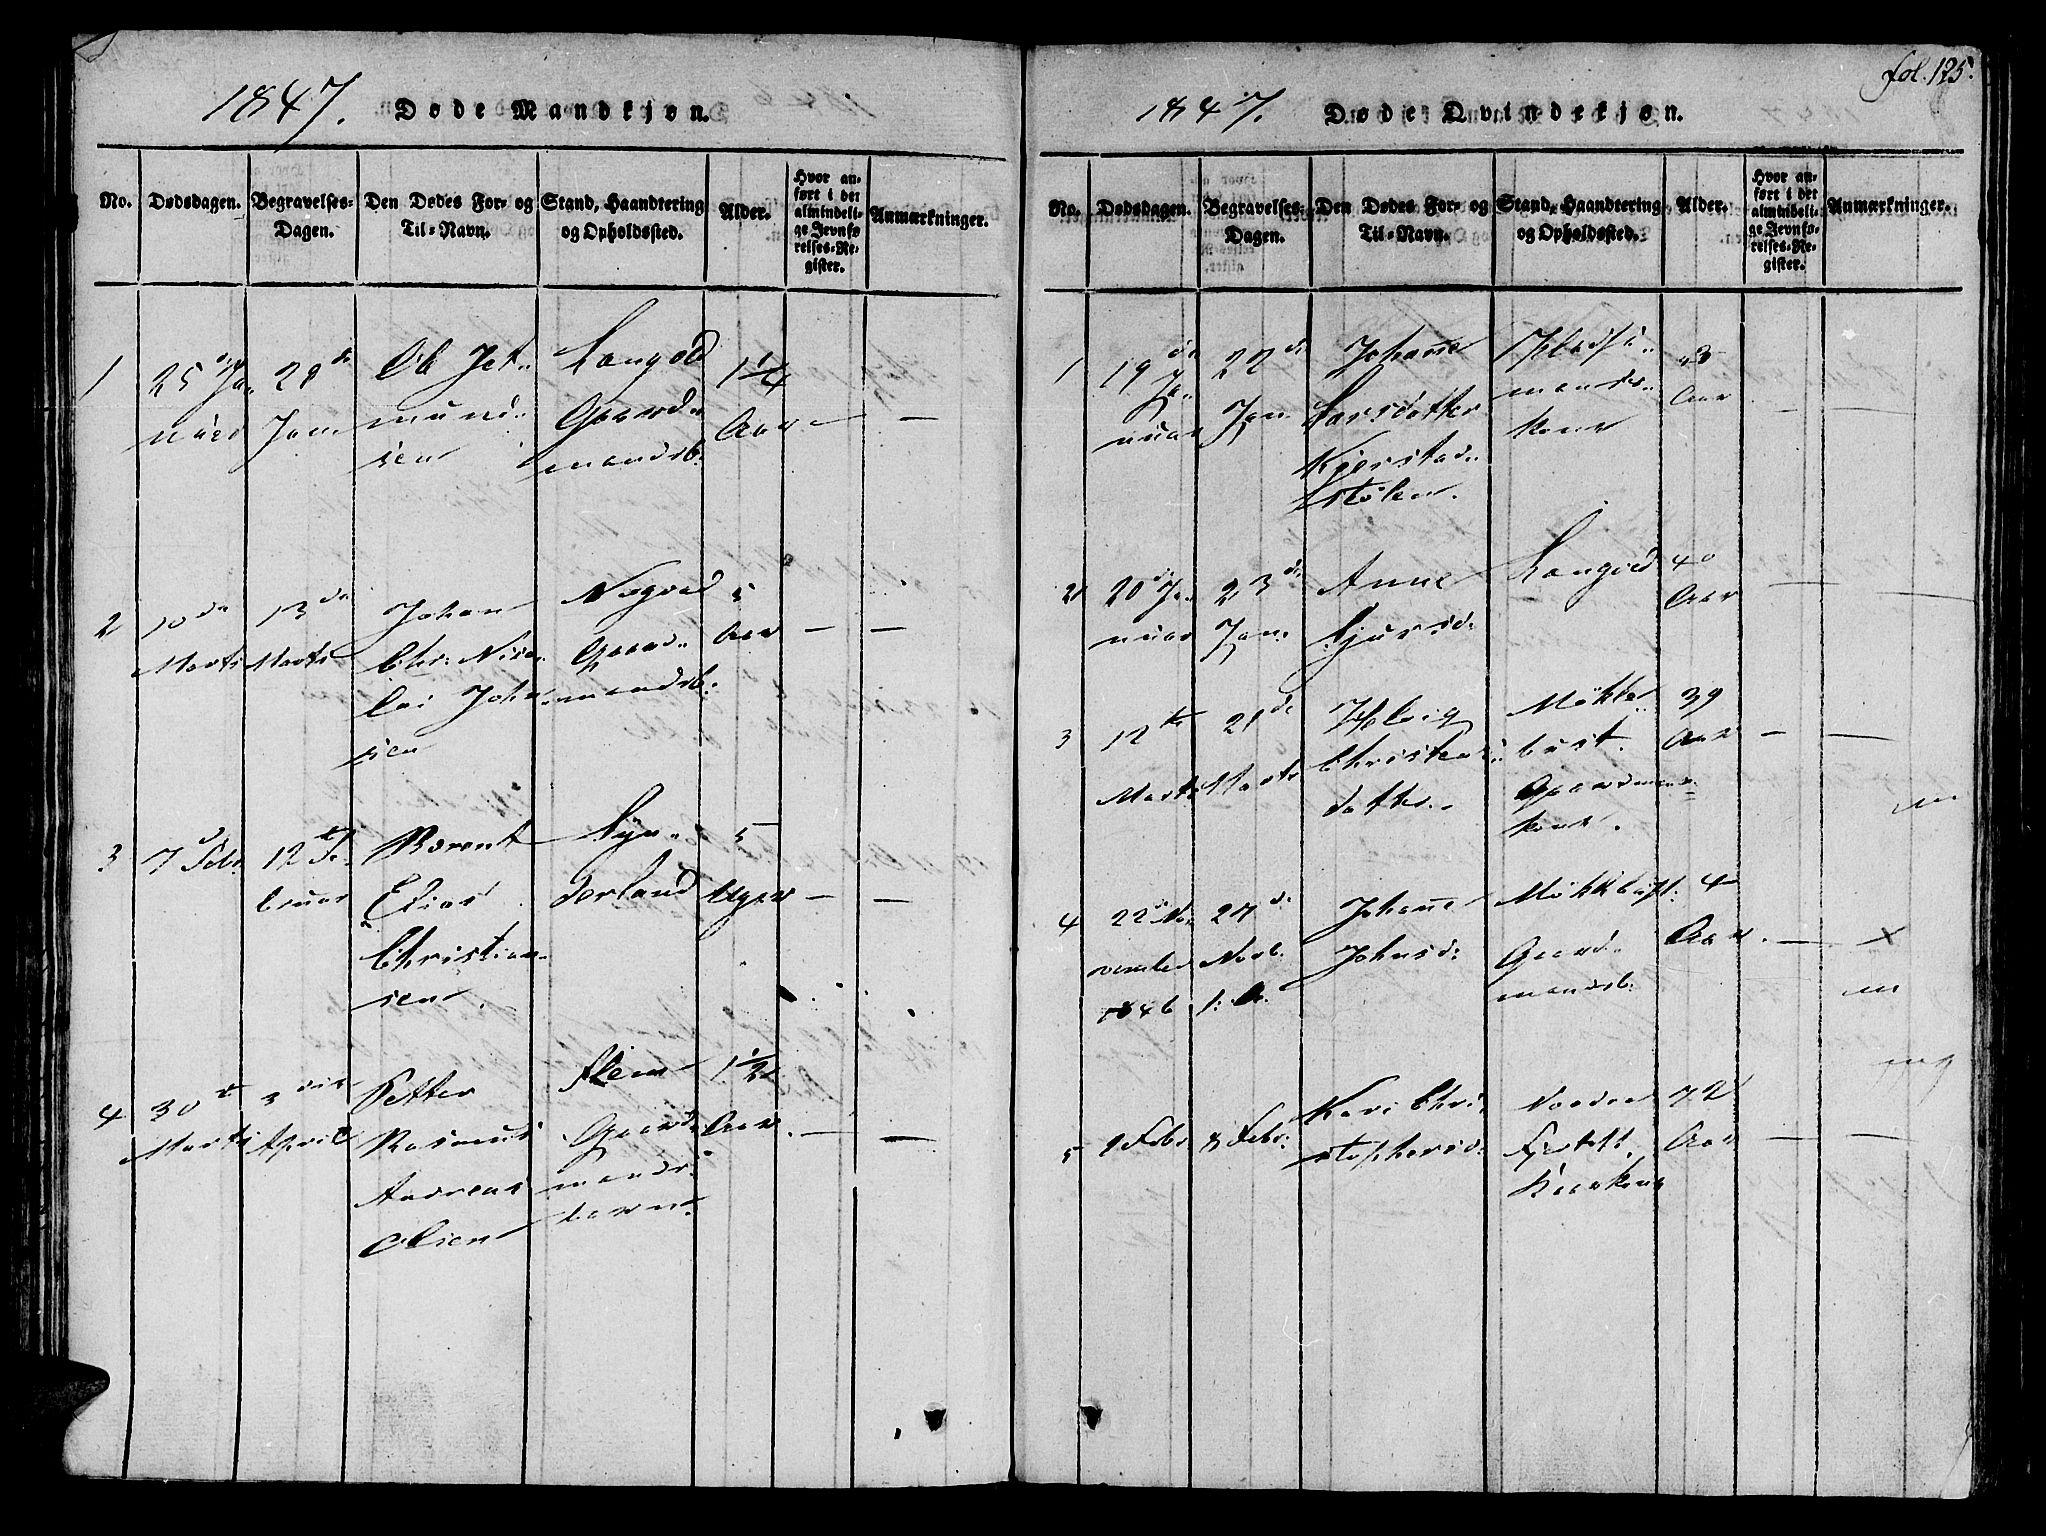 SAT, Ministerialprotokoller, klokkerbøker og fødselsregistre - Møre og Romsdal, 536/L0495: Ministerialbok nr. 536A04, 1818-1847, s. 125